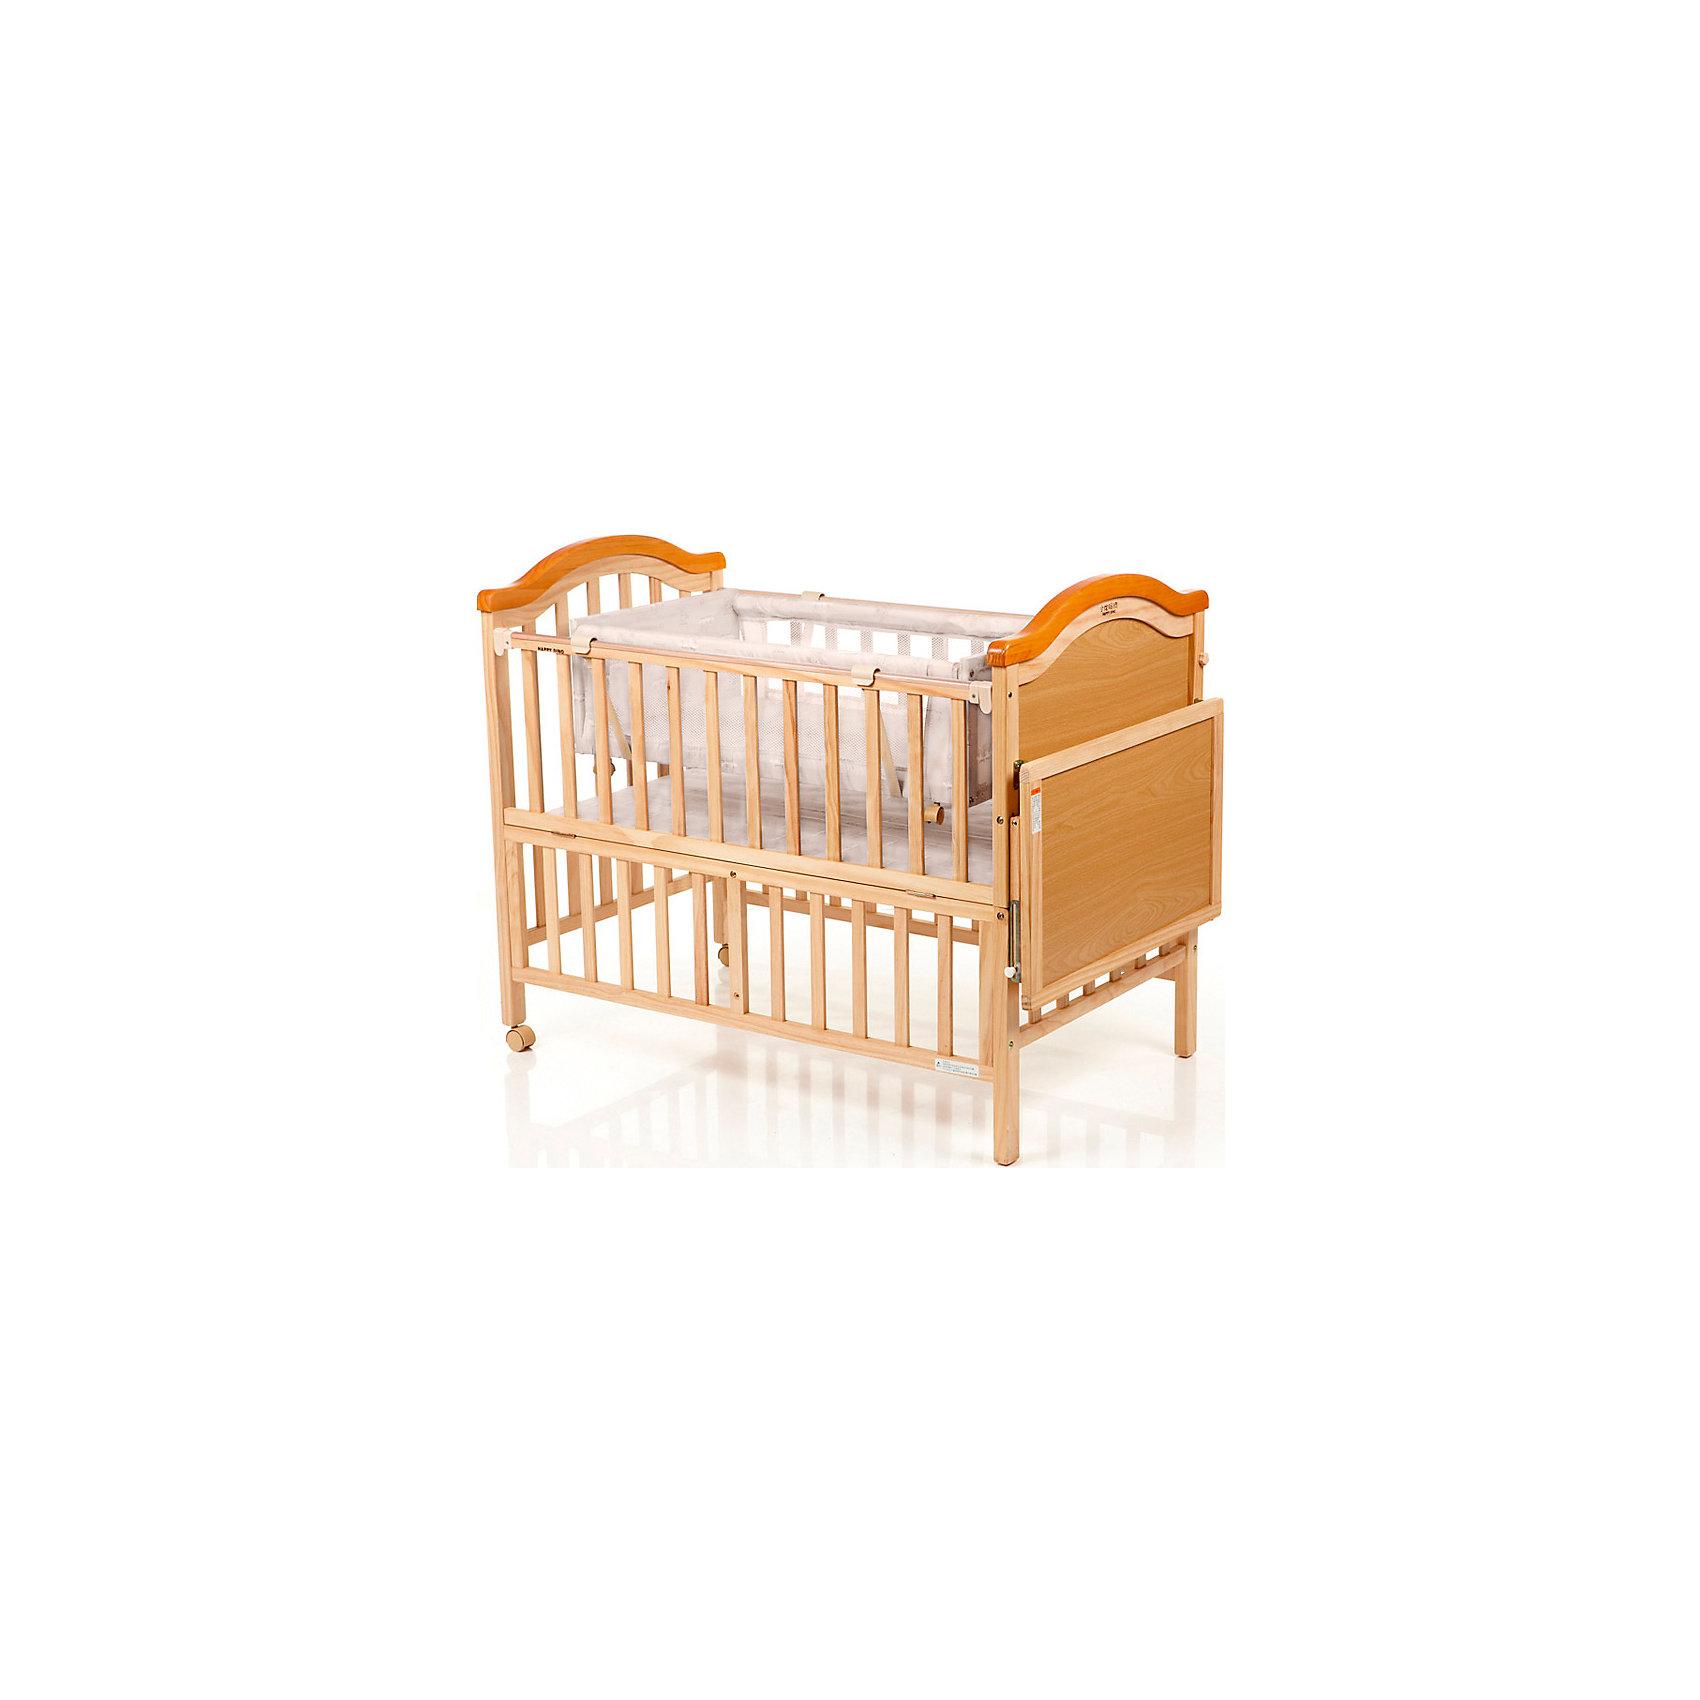 Кроватка LMY632H (J392), Geoby, бежевыйИзящная, продуманная до мелочей конструкция кровати Geoby LMY 632 прослужит Вам долго, так как может трансформироваться в подростковую кроватку.<br><br>Края кроватки LMY 632 сглажены, без выступающих углов, что предотвращает непроизвольные травмы у малышей. Хорошо прилегающие закрытые шурупы и болты обеспечивают отсутствие царапин и мелких травм у детей.<br><br>Характеристики кроватки LMY 632:<br>Кроватка выполнена из дерева (сосна).<br>Откидная боковая спинка.<br>Безопасное расстояние между ламелями.<br>Размер в разложенном виде: 1430 х 680 х 875 мм.<br><br>В комплекте: матрас, балдахин, люлька.<br><br>Ширина мм: 1180<br>Глубина мм: 235<br>Высота мм: 780<br>Вес г: 25500<br>Возраст от месяцев: 0<br>Возраст до месяцев: 84<br>Пол: Унисекс<br>Возраст: Детский<br>SKU: 5142381